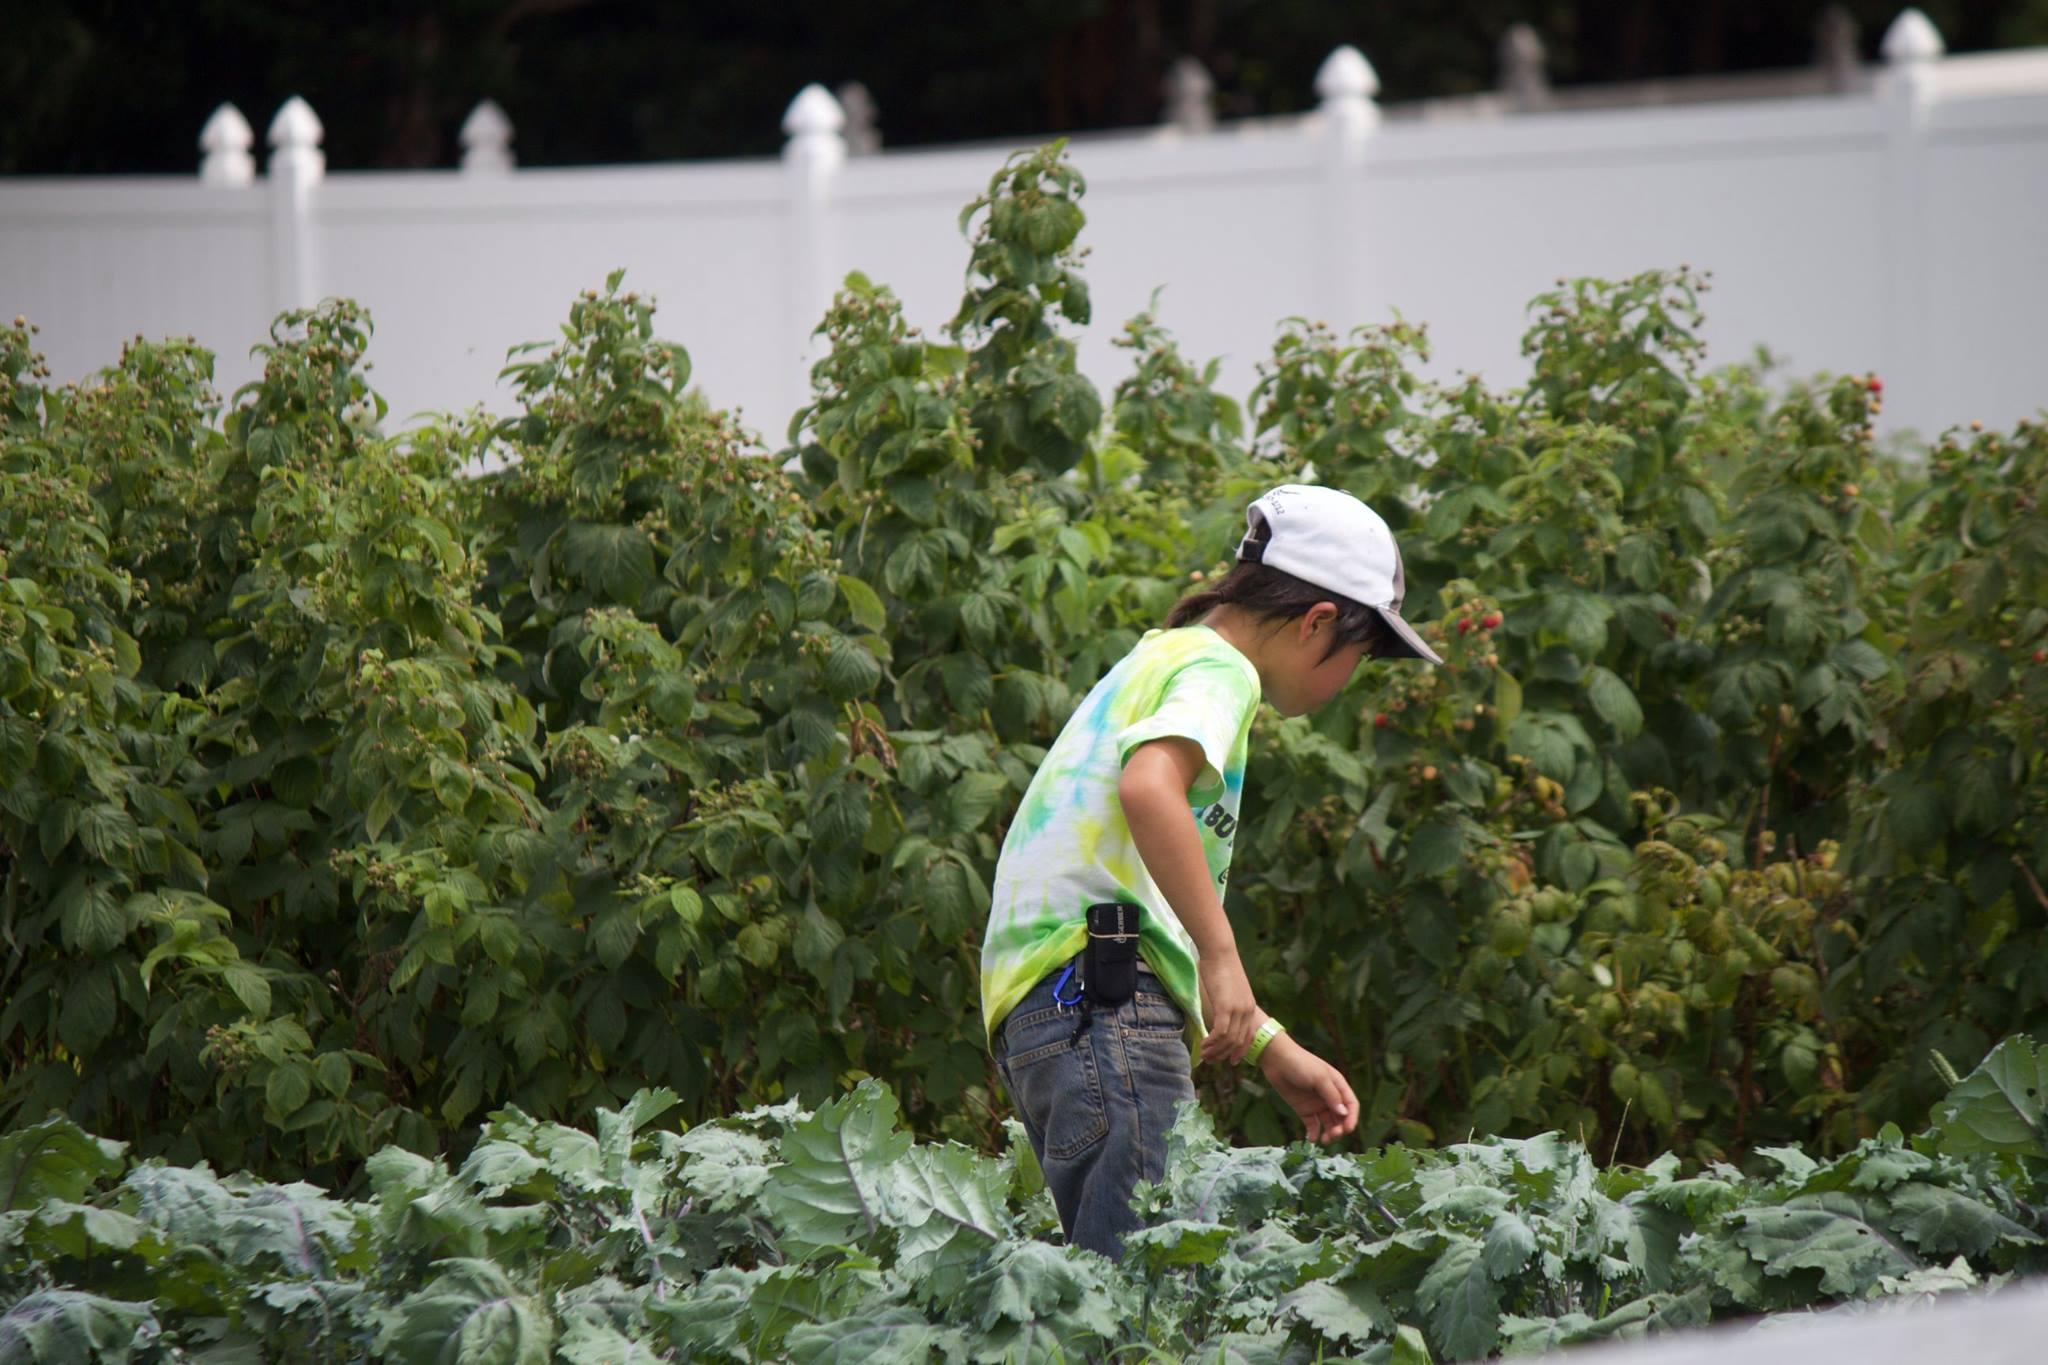 農作業に従事する鷹之介君=アメリカ・マサチューセッツ州のライトロック農場